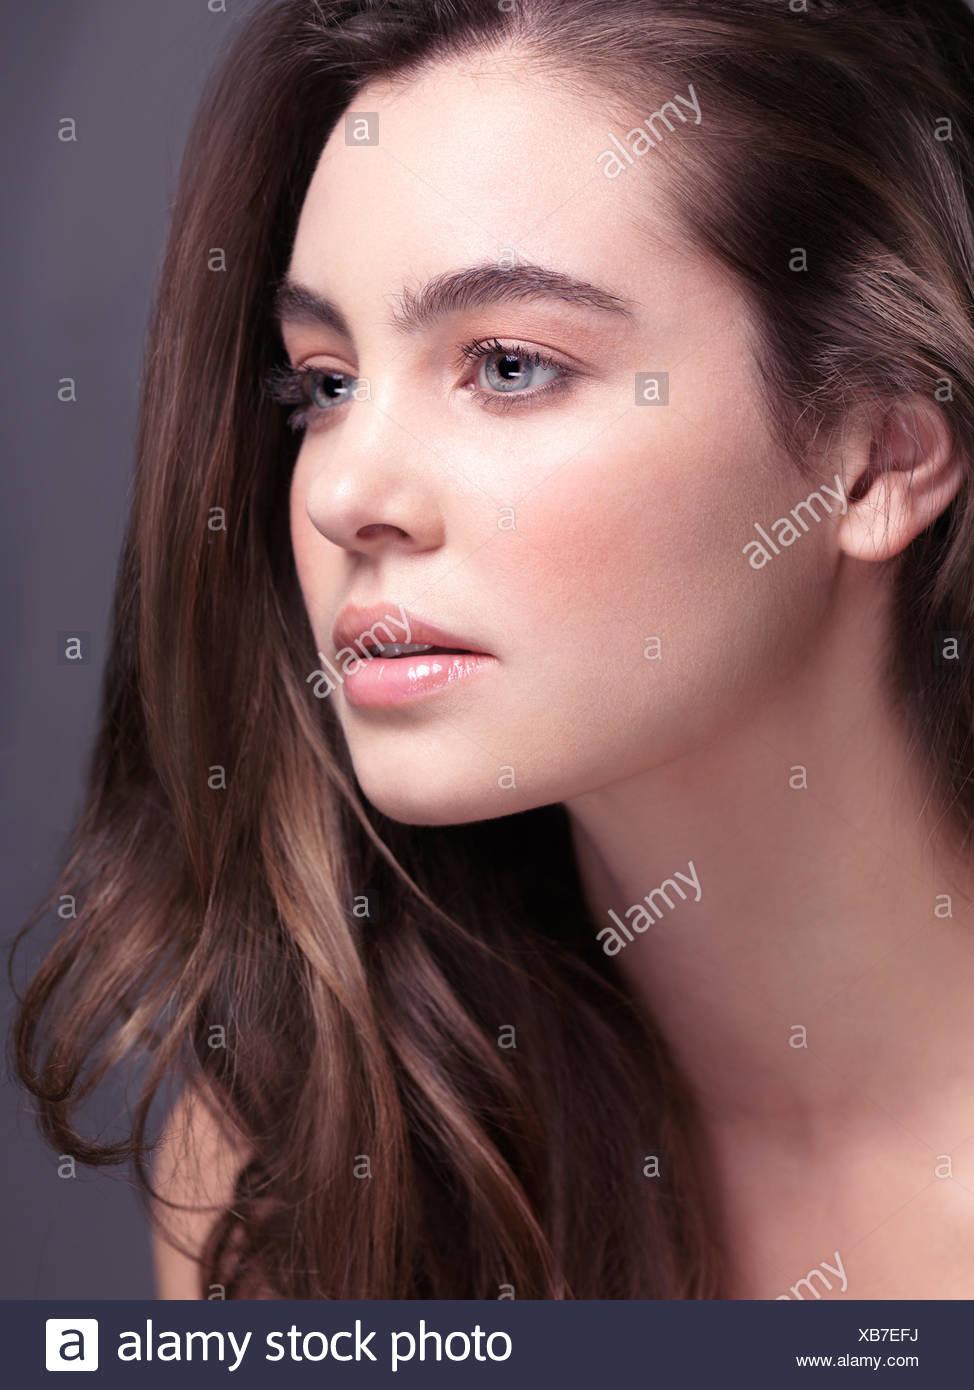 Weiblich Hellbraune Haare Und Braune Augen Beliebte